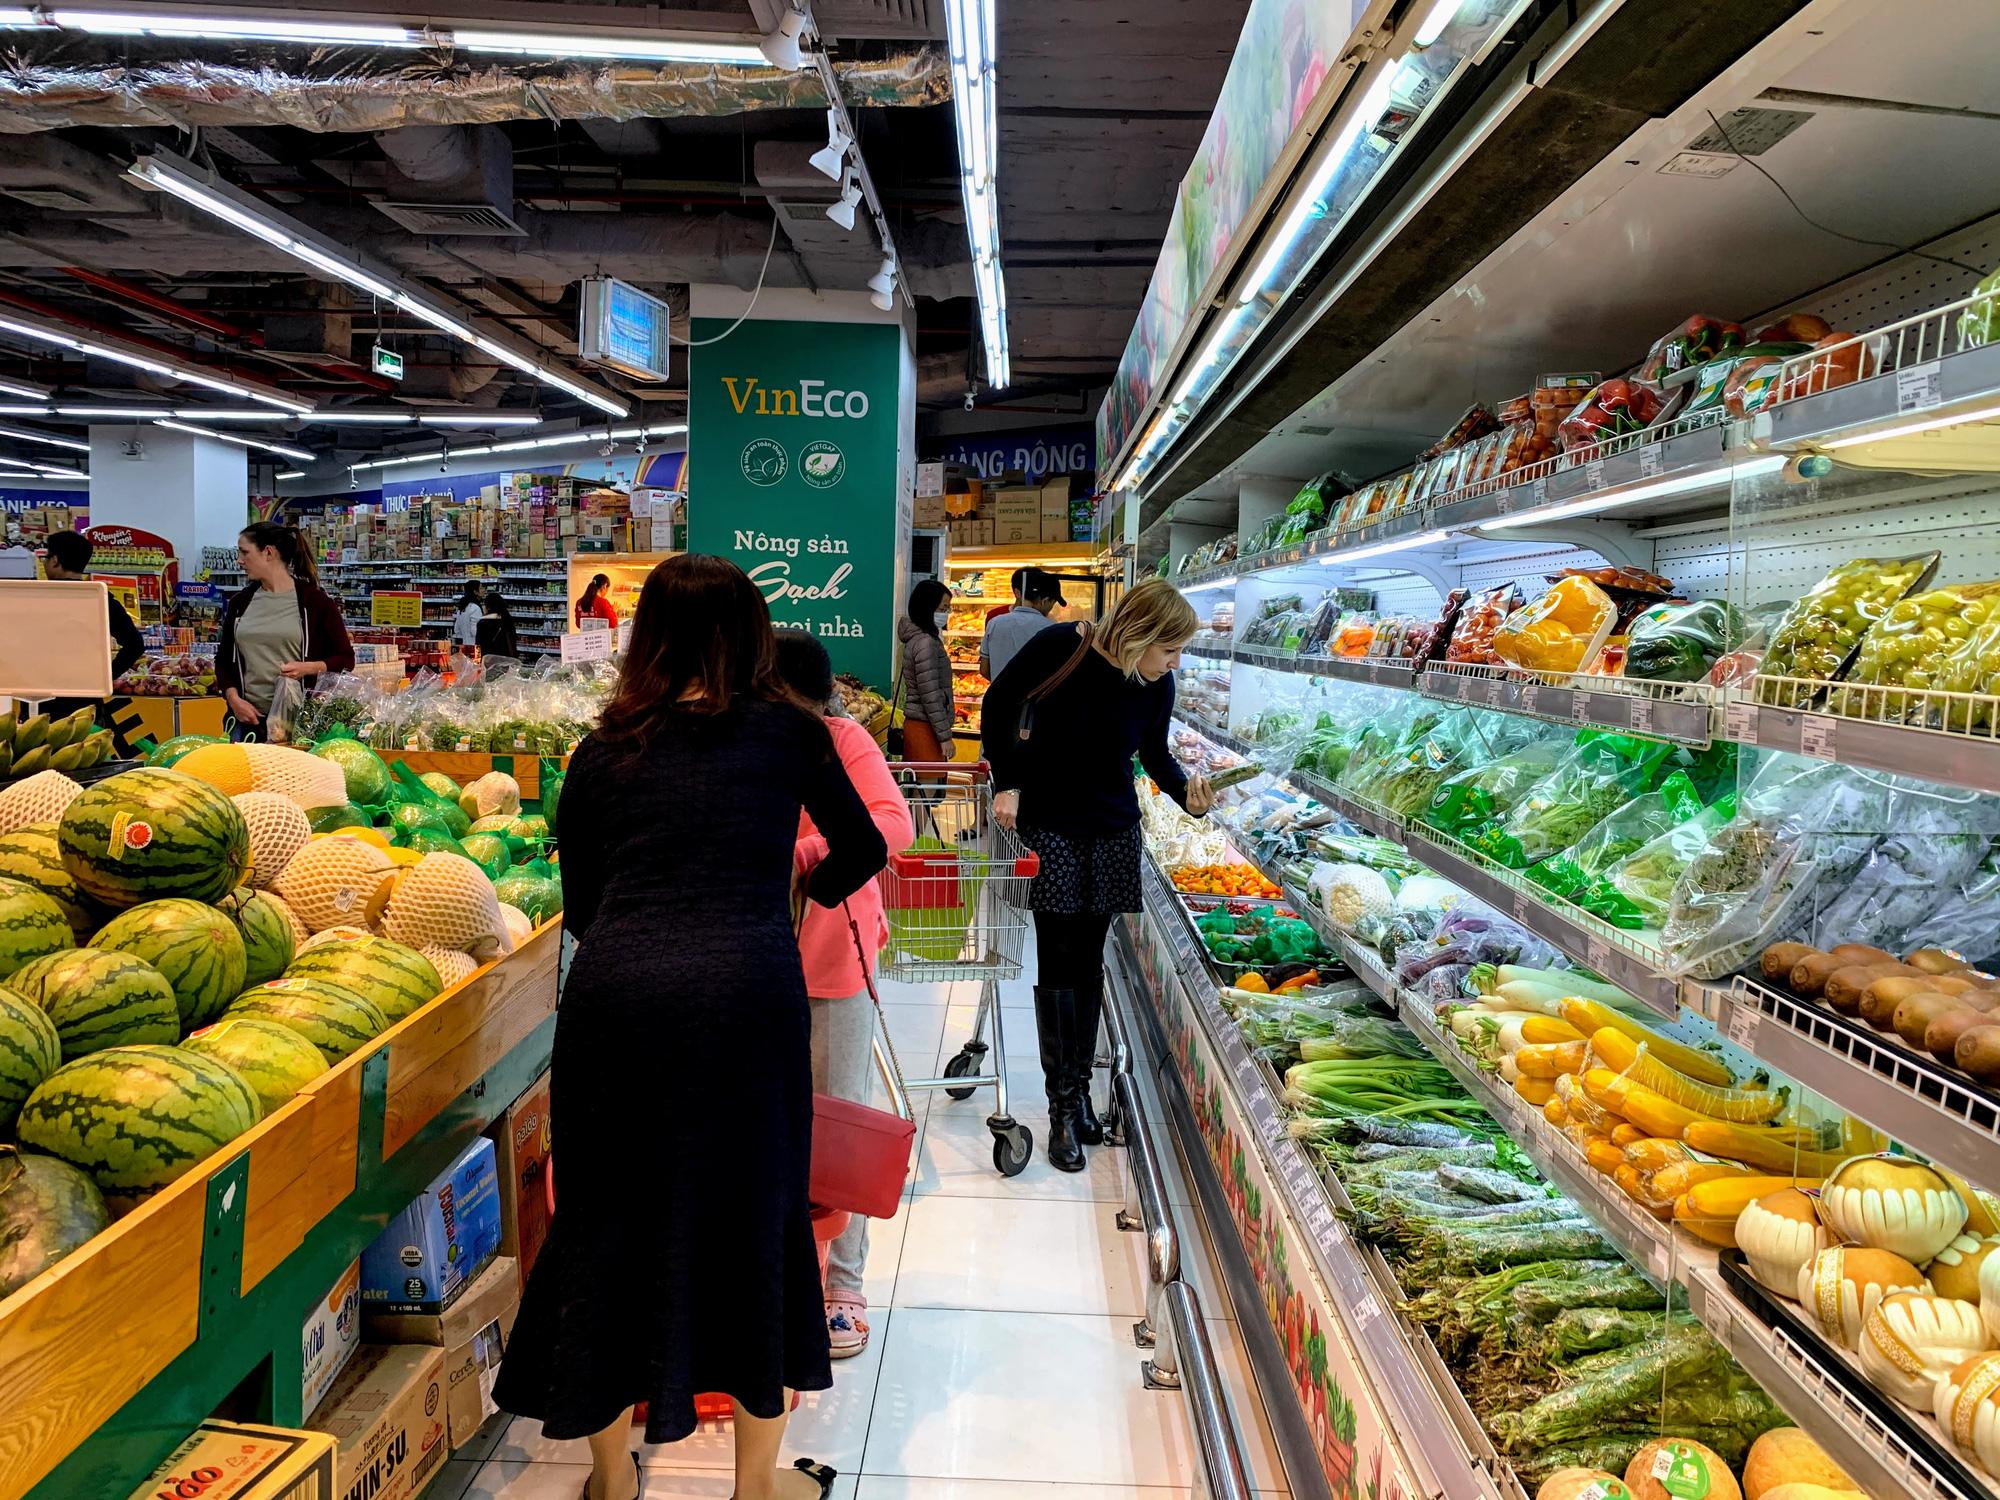 Hàng hoá trở lại đầy ắp trong siêu thị, người dân thảnh thơi mua sắm - Ảnh 15.